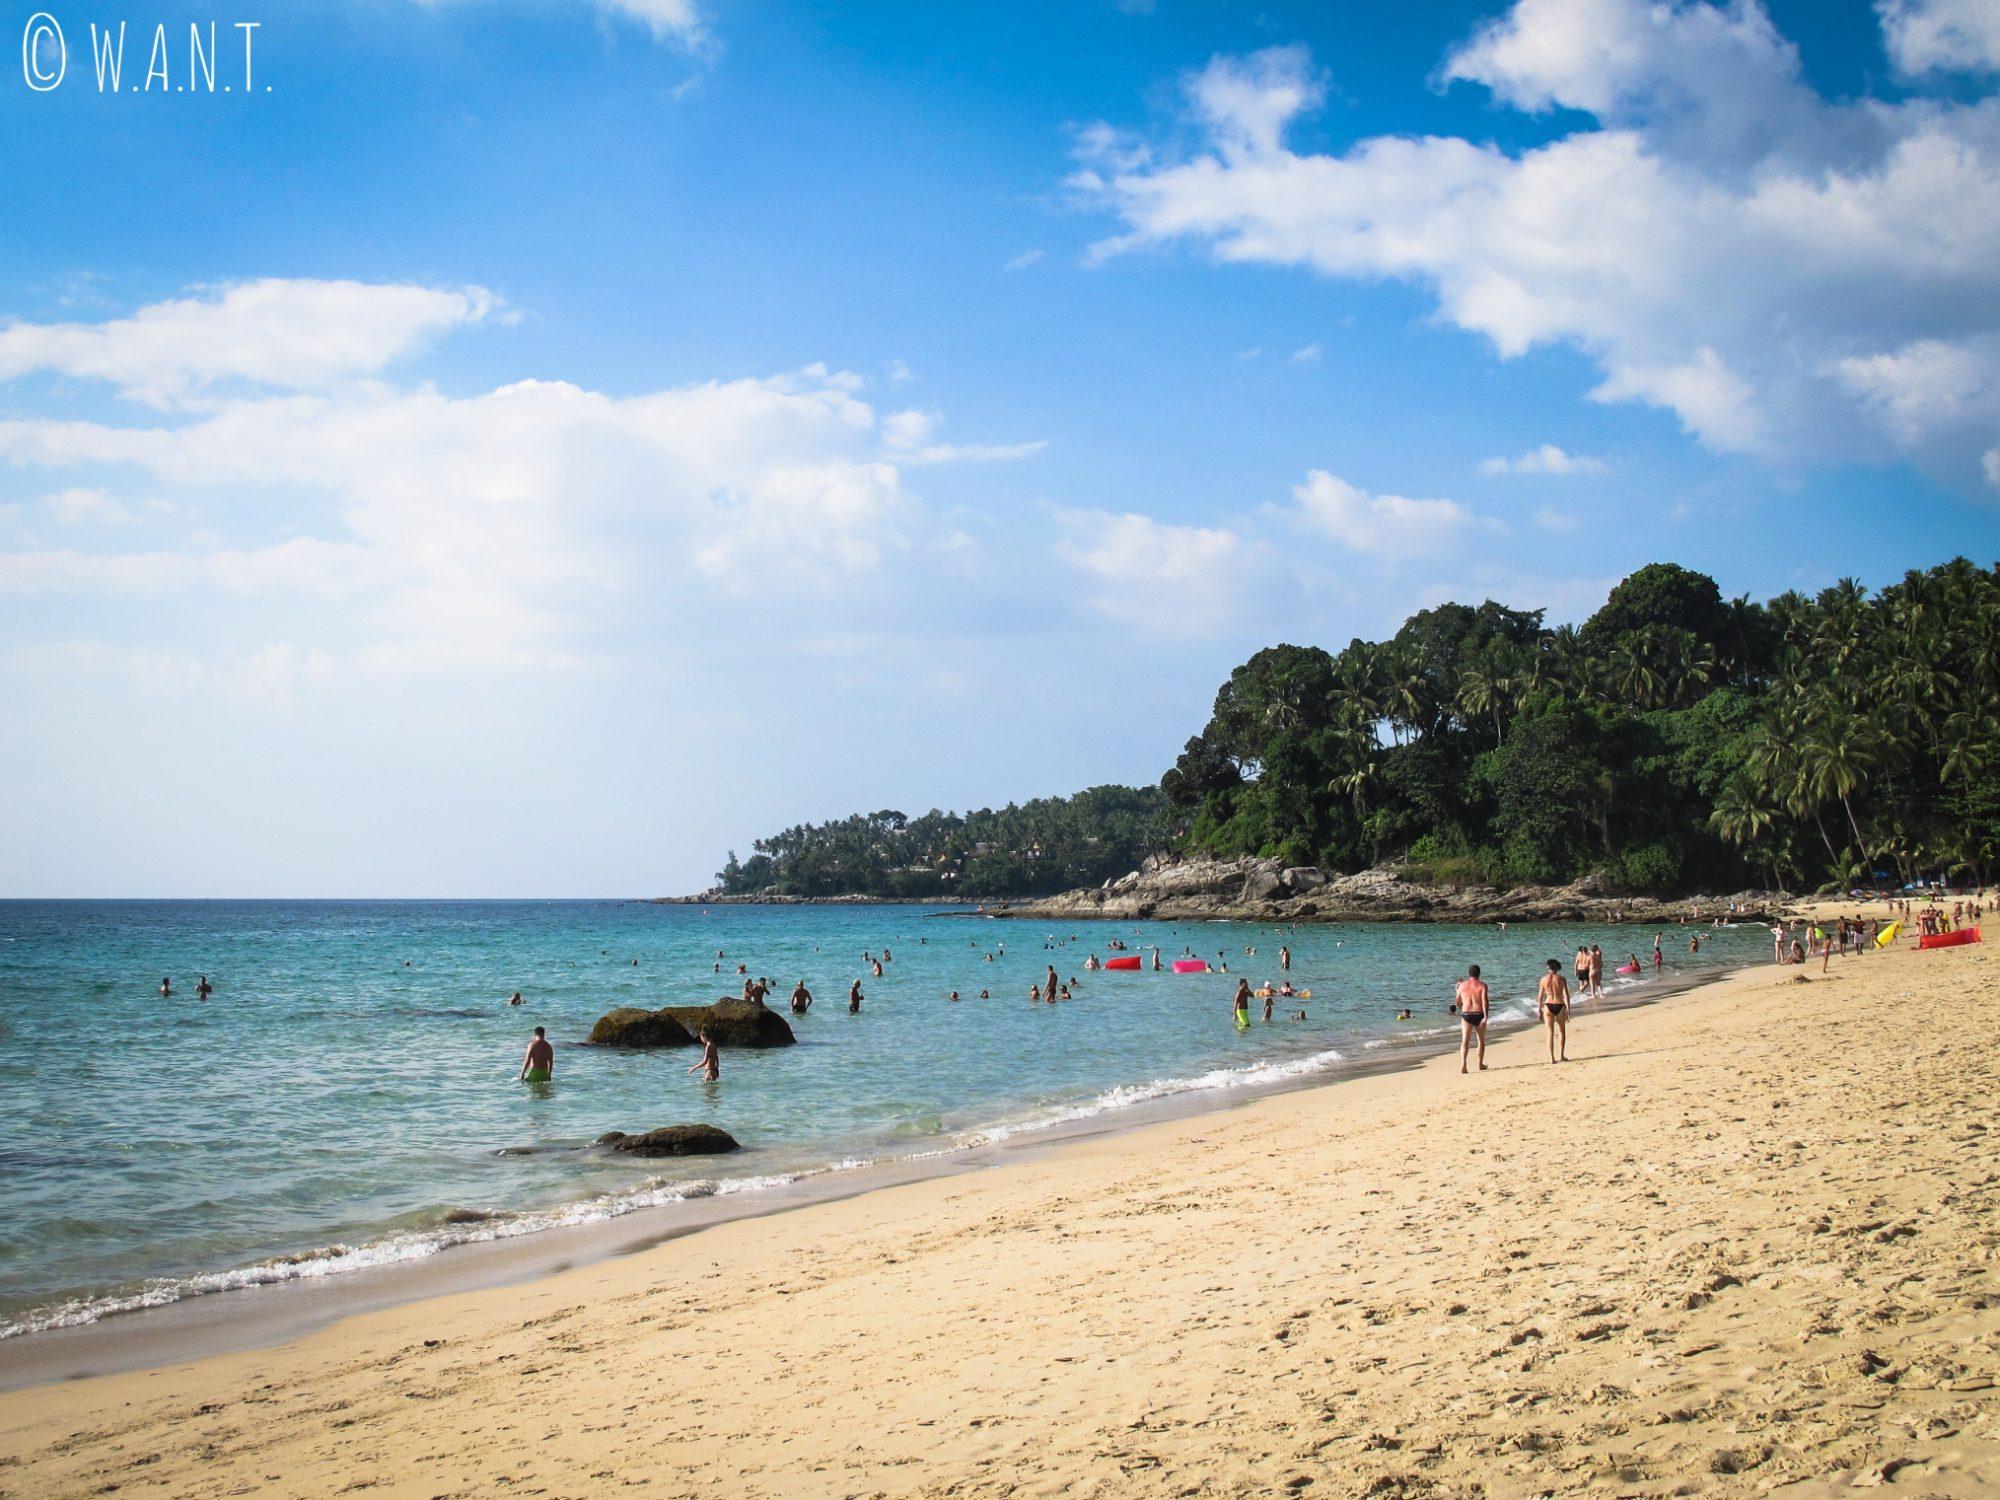 La plage de Surin est bordée de cocotiers à Phuket